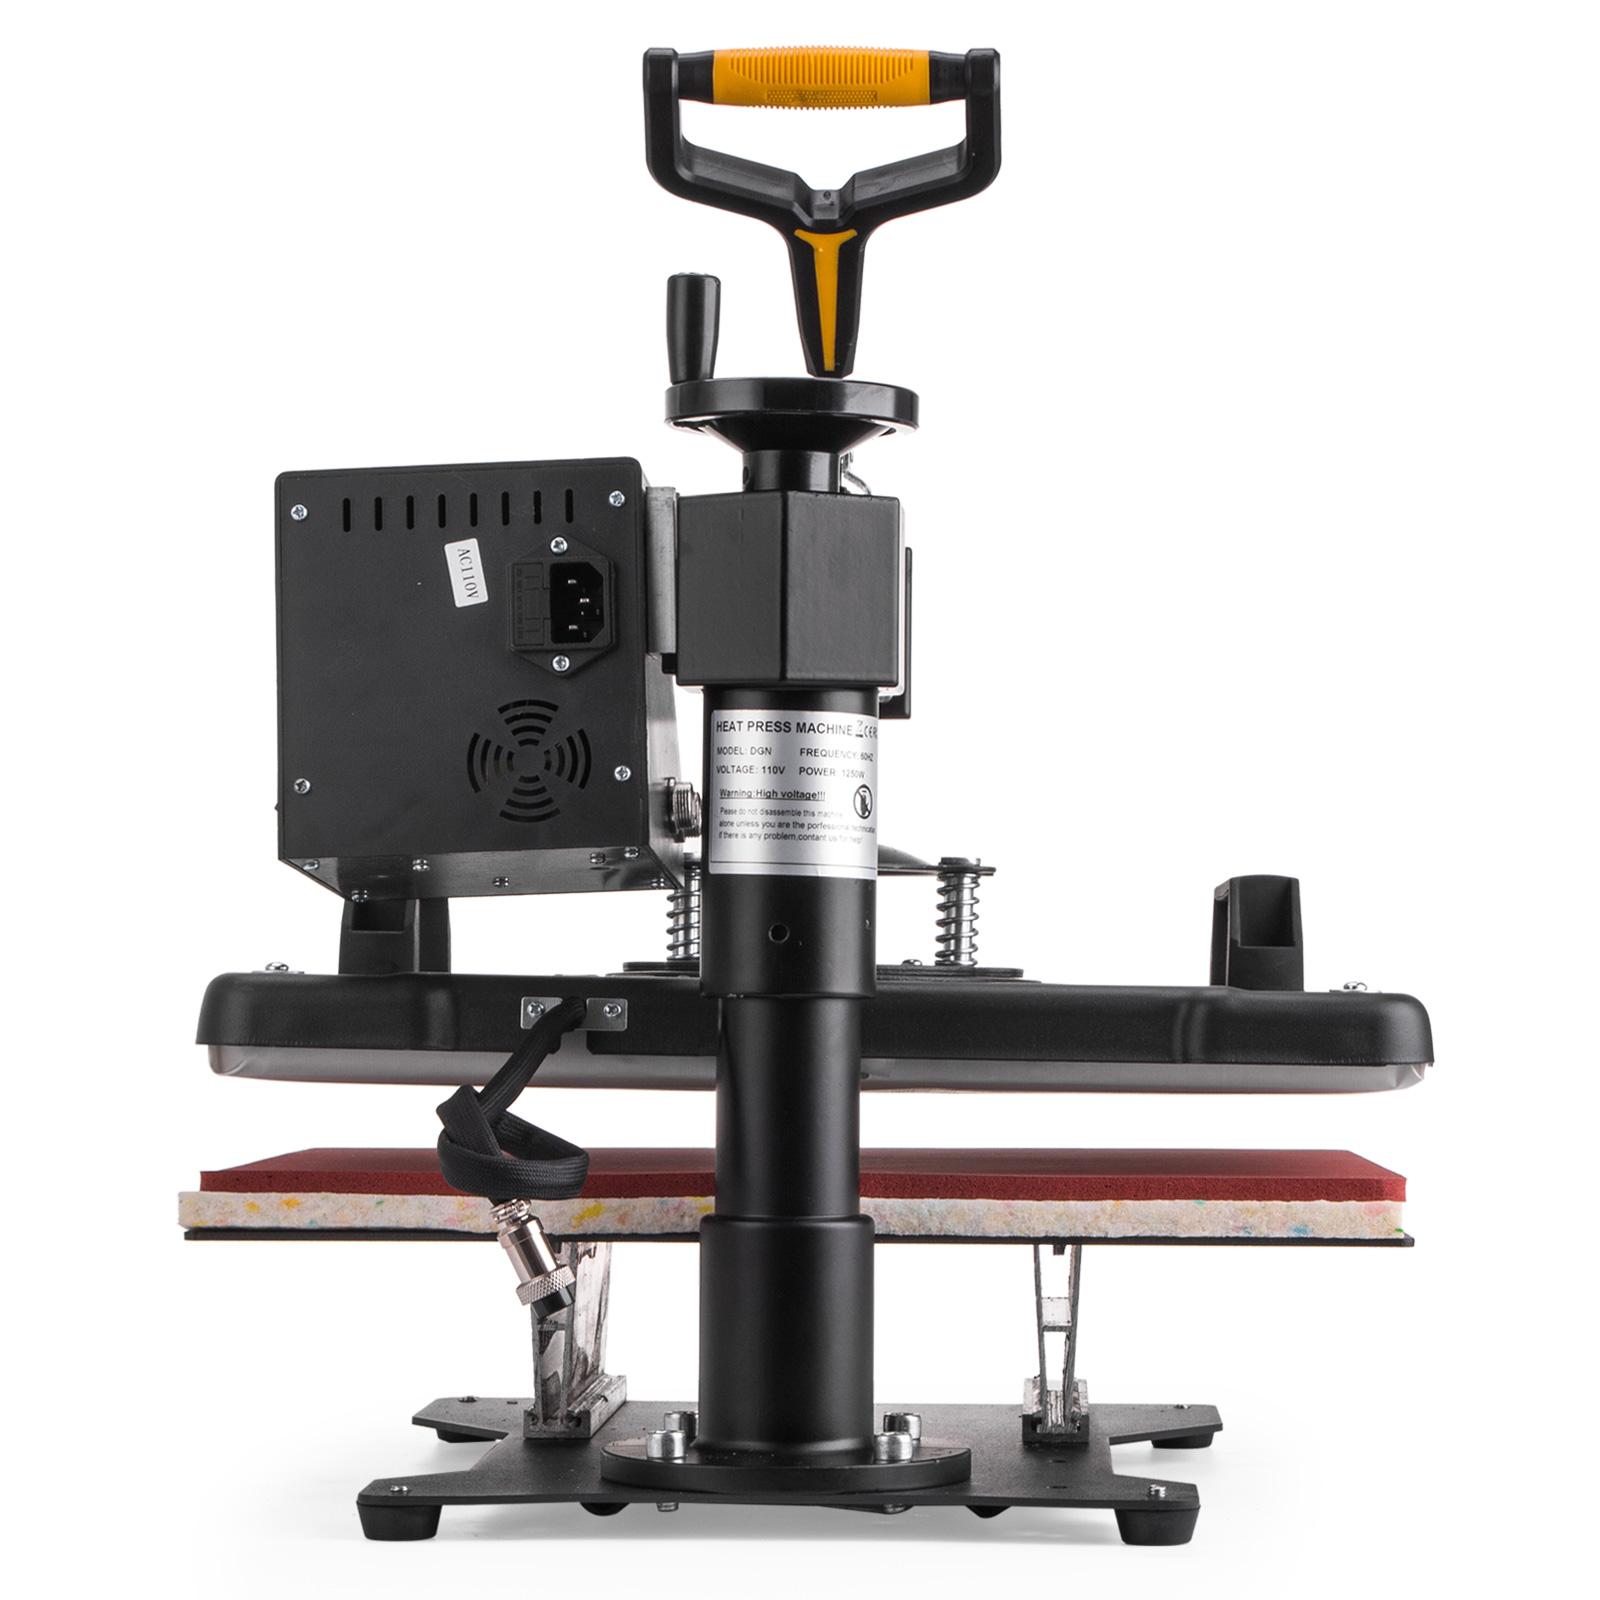 6in1 presse textile presse chaud la chaleur 15 x12 haute pression machine ebay. Black Bedroom Furniture Sets. Home Design Ideas